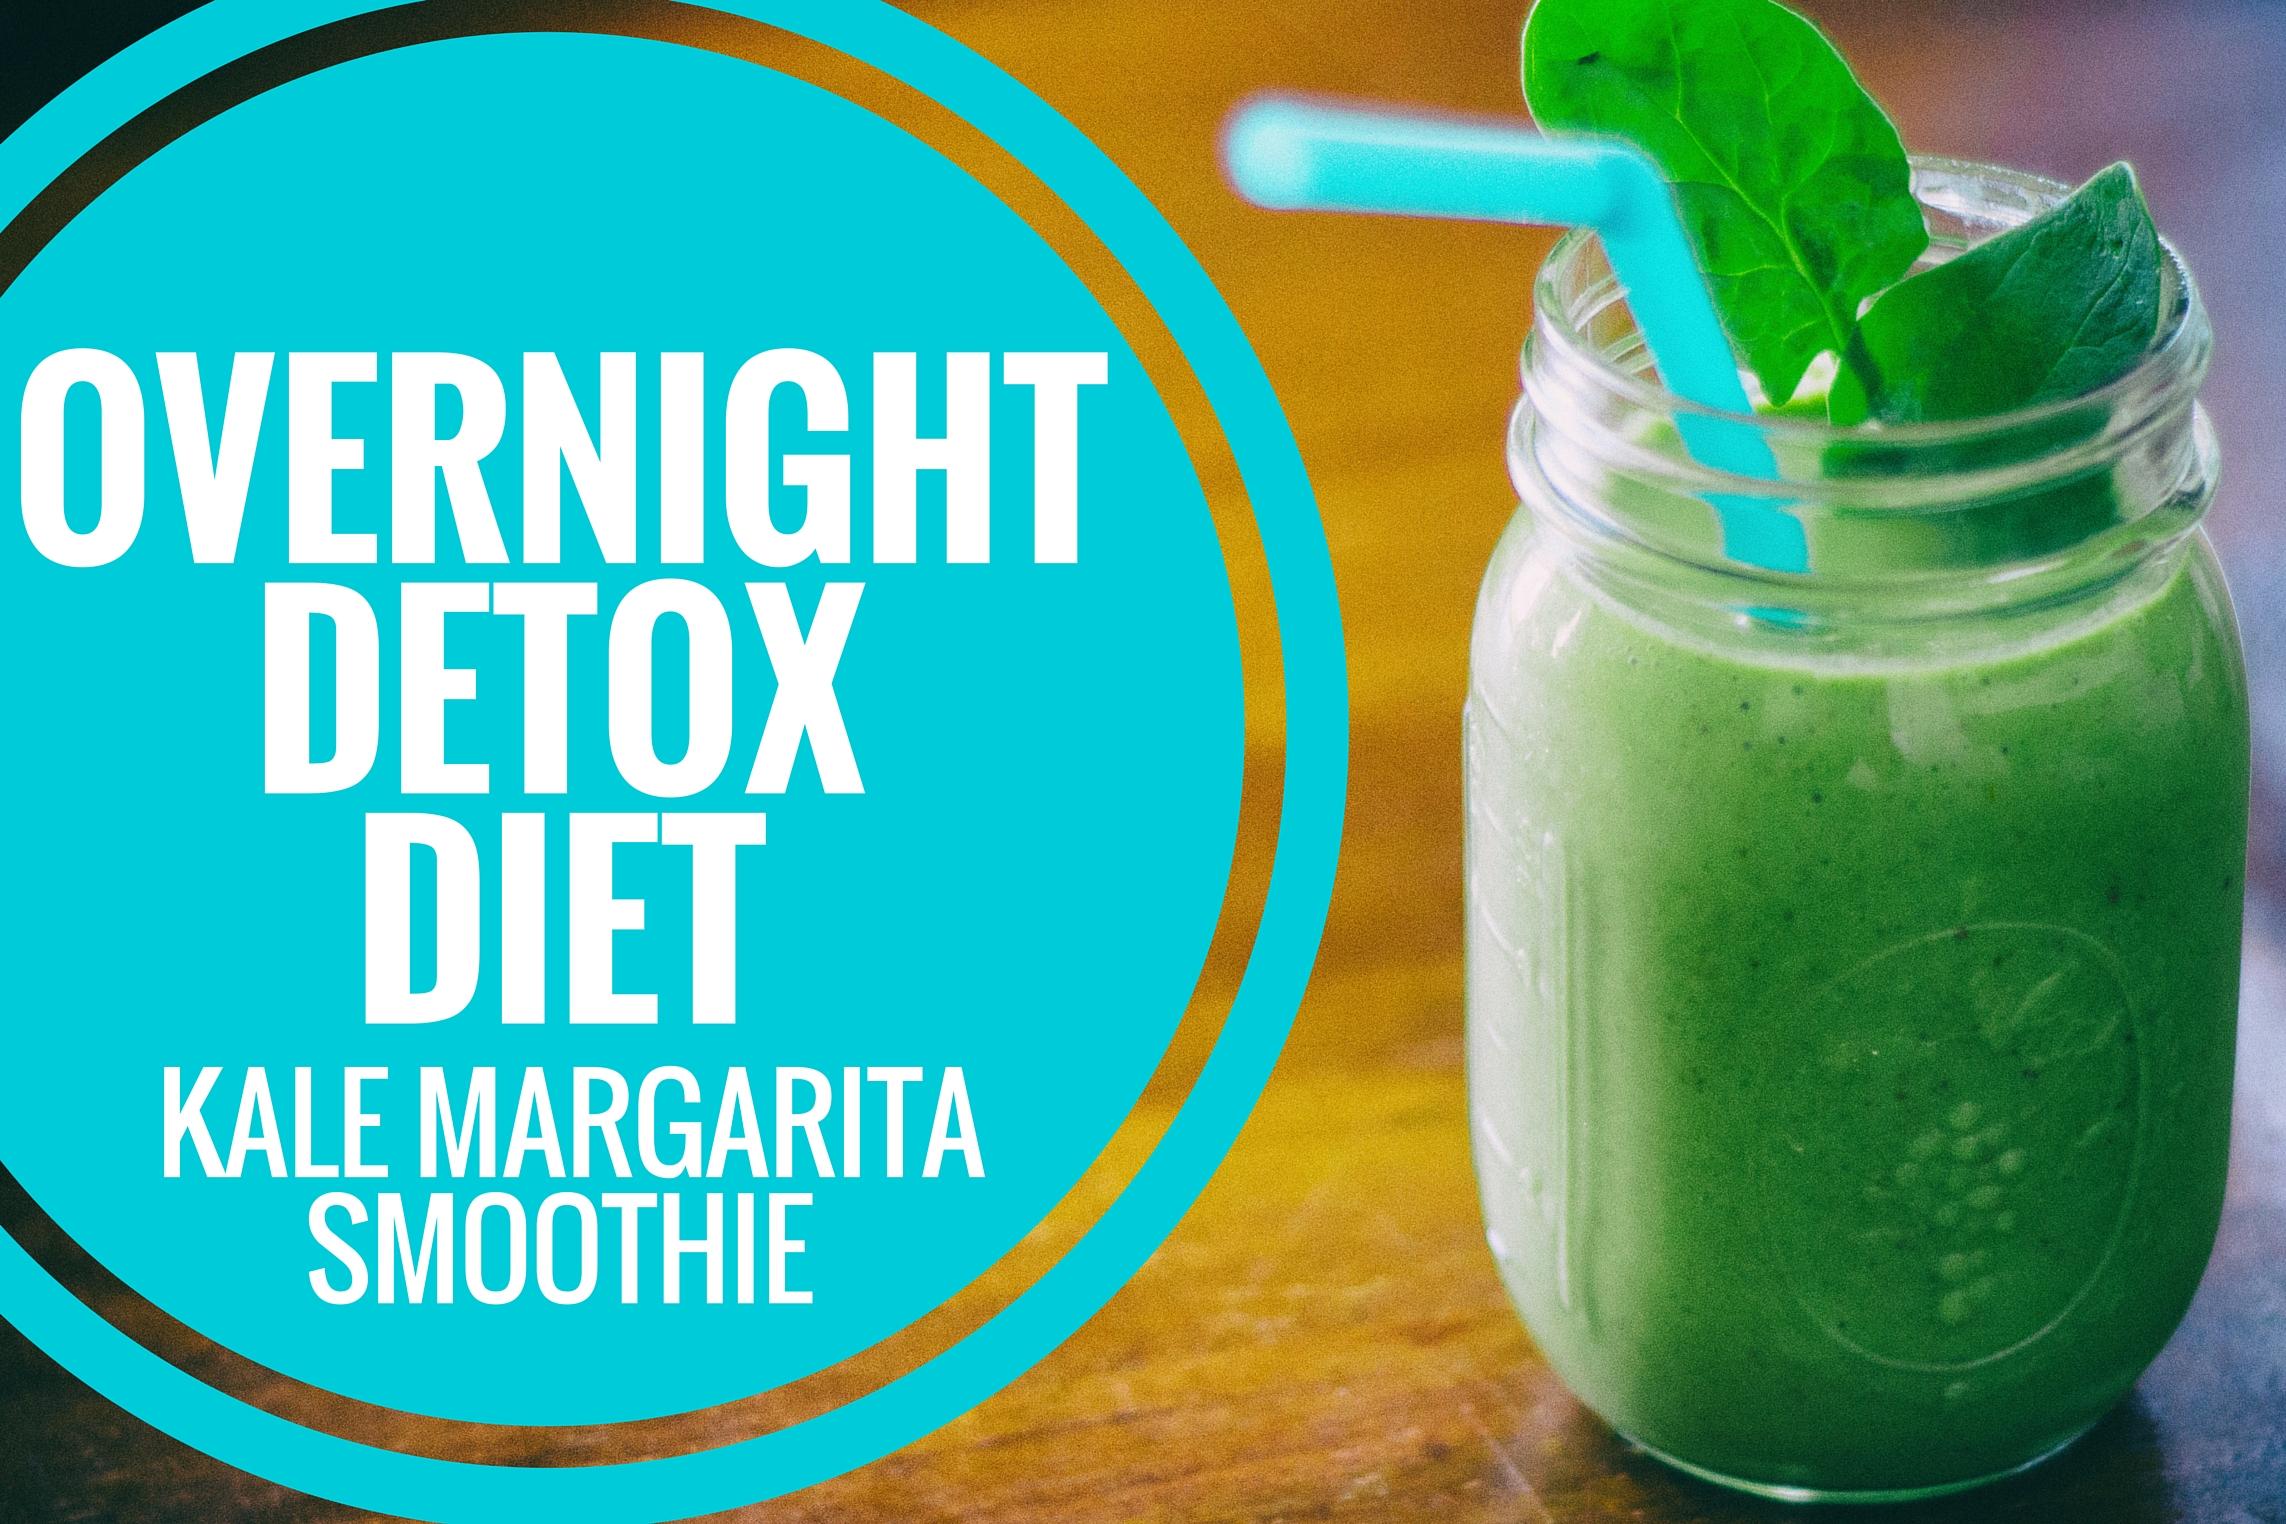 Kale Margarita Smoothie Recipe Overnight Diet